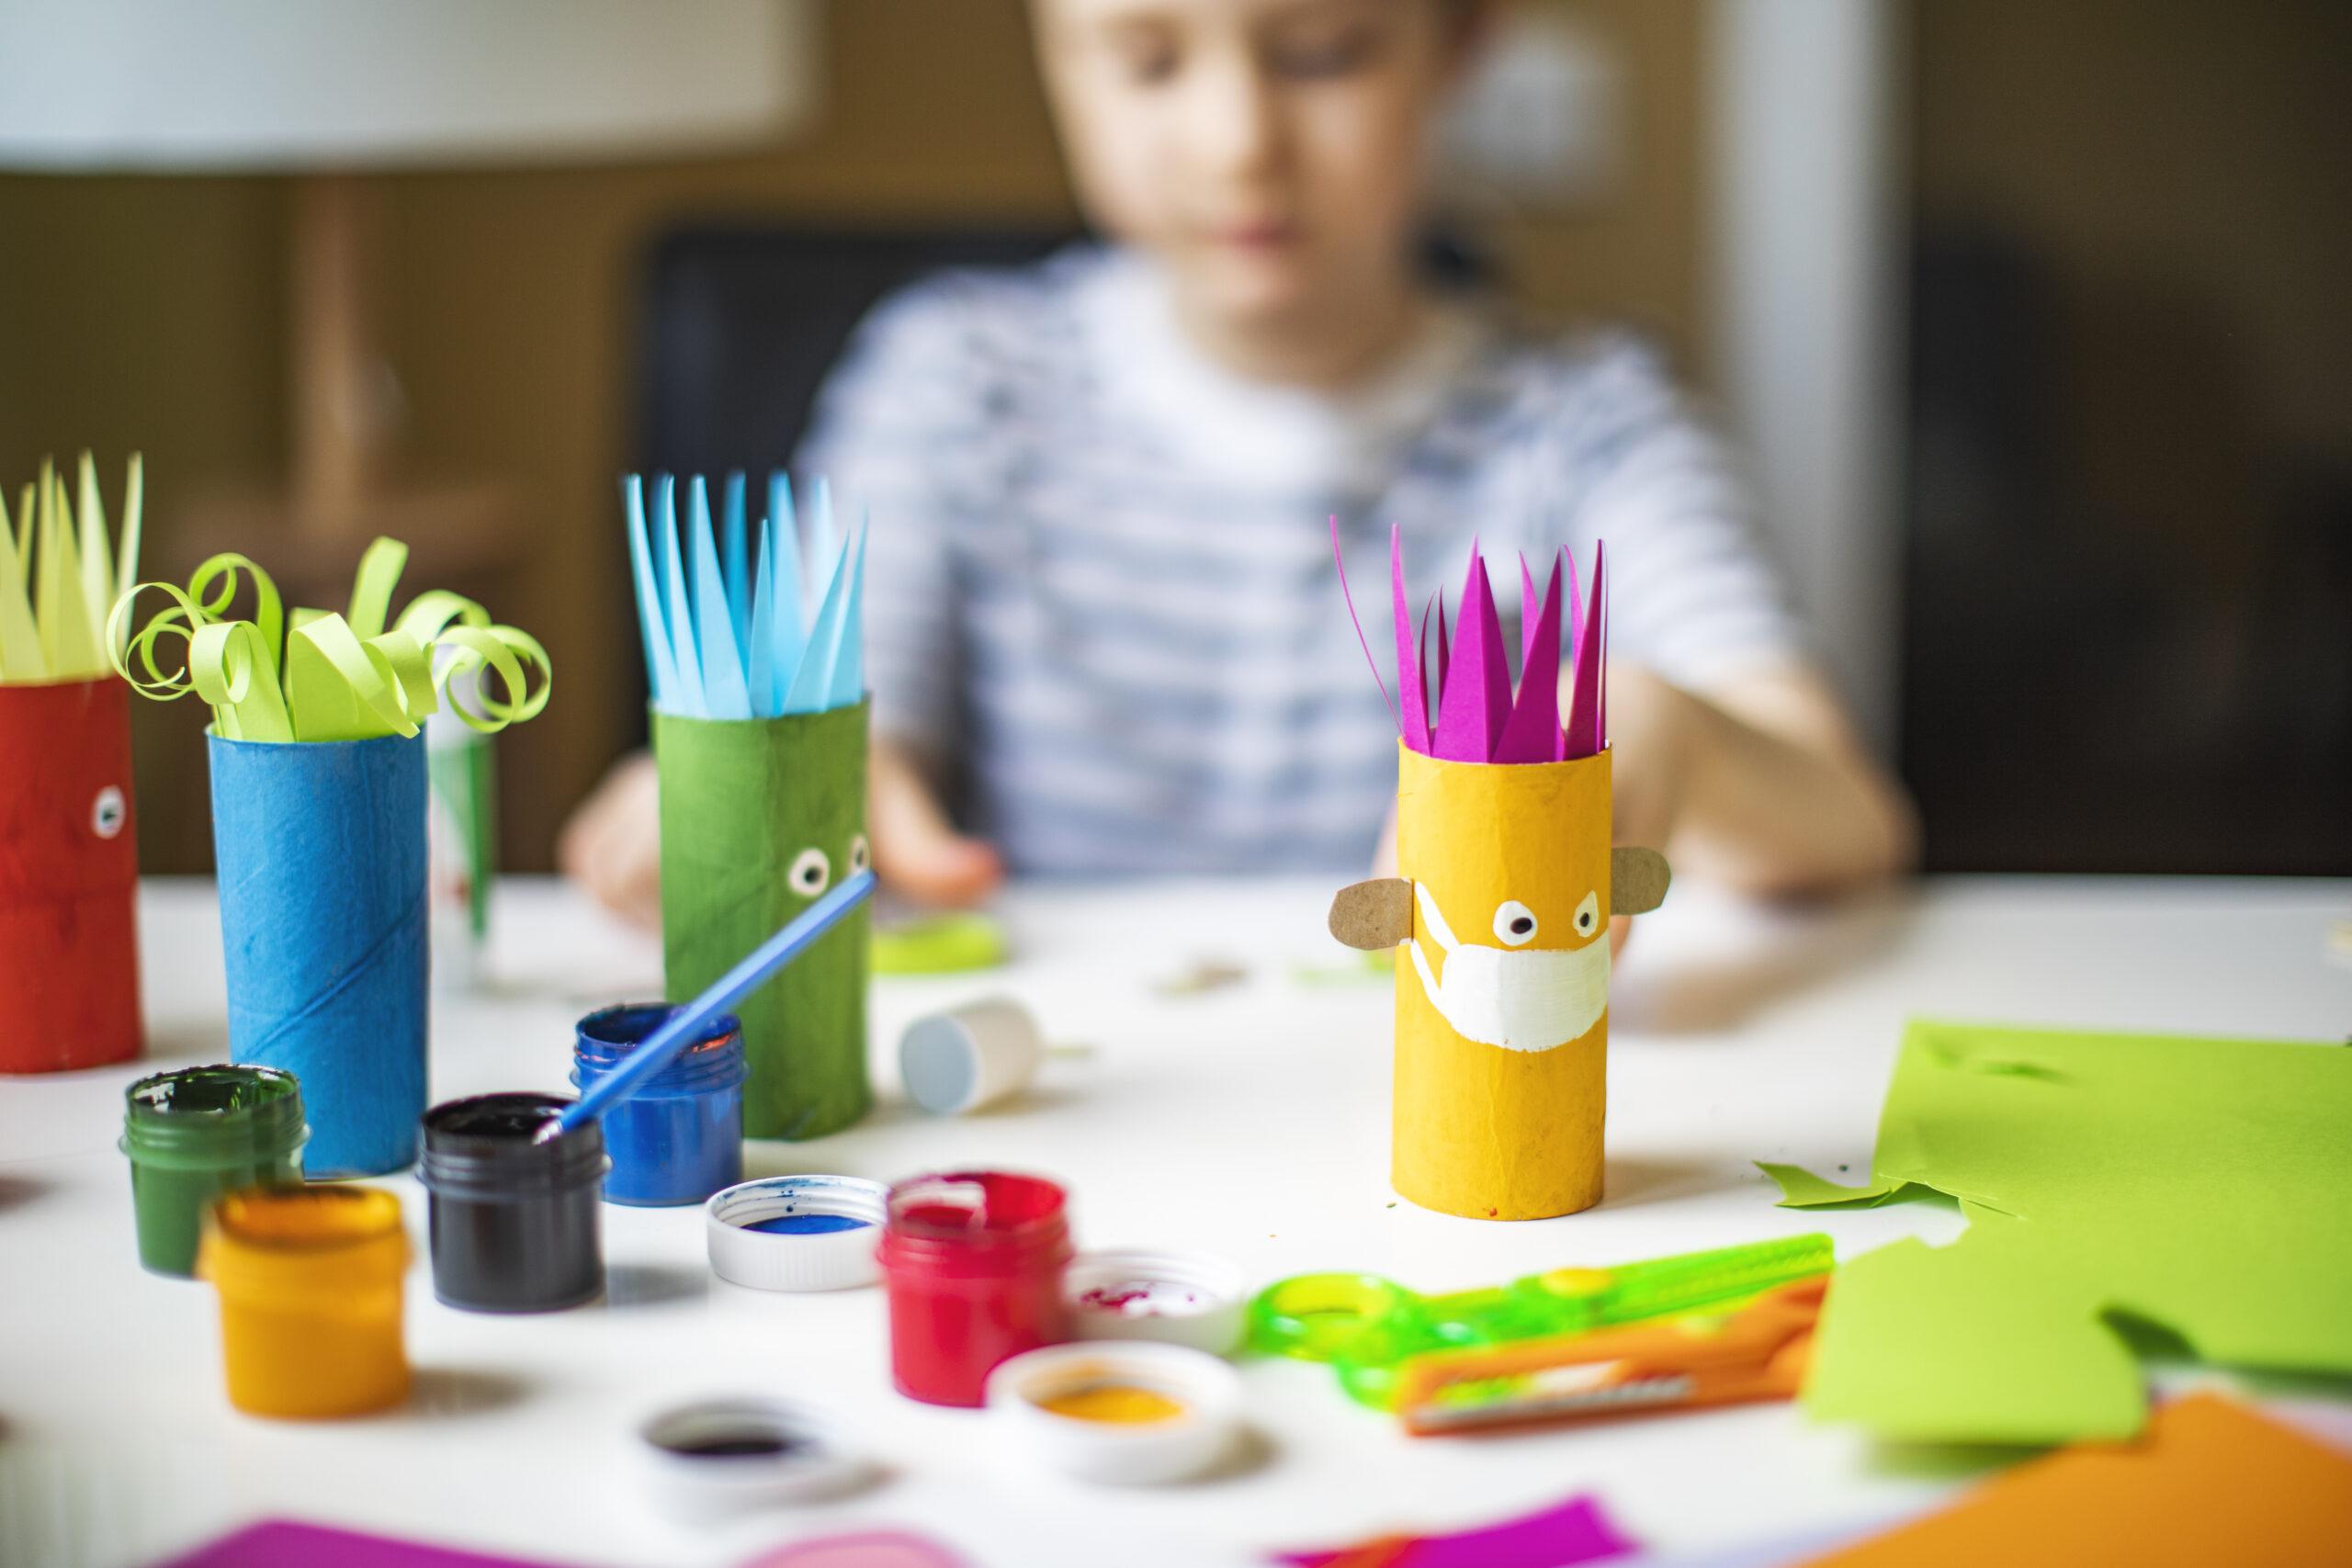 5 Εύκολες DIY κατασκευές που μπορείς να κάνεις με το παιδί σου για την επιστροφή στο σχολείο